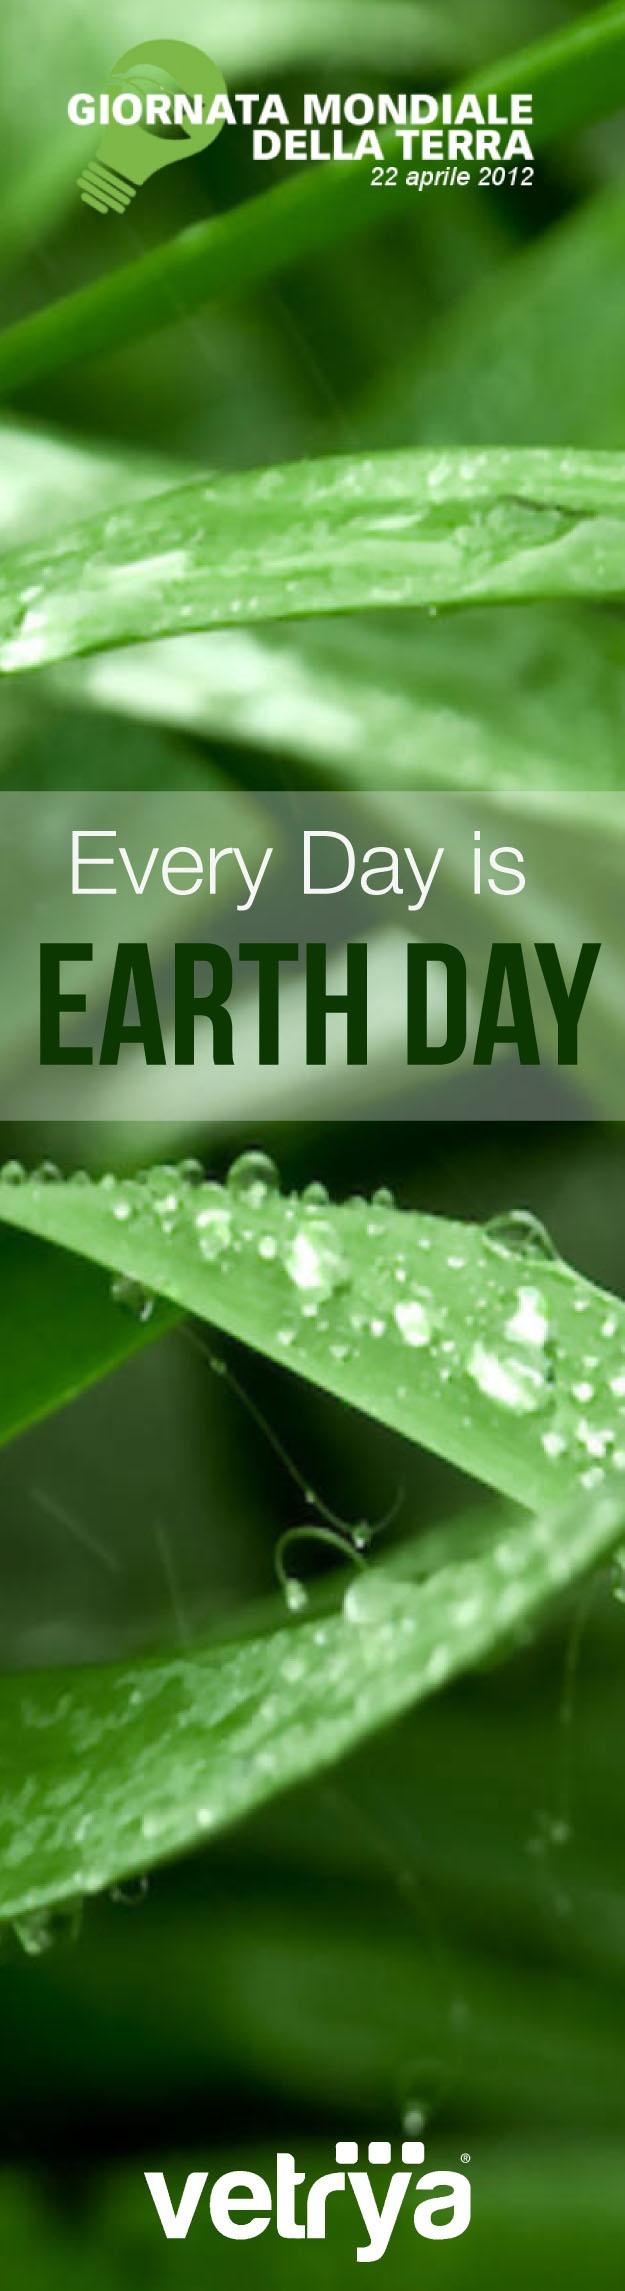 Vetrya Earth Day 2012 :: Stampa il nostro segnalibro su carta riciclata